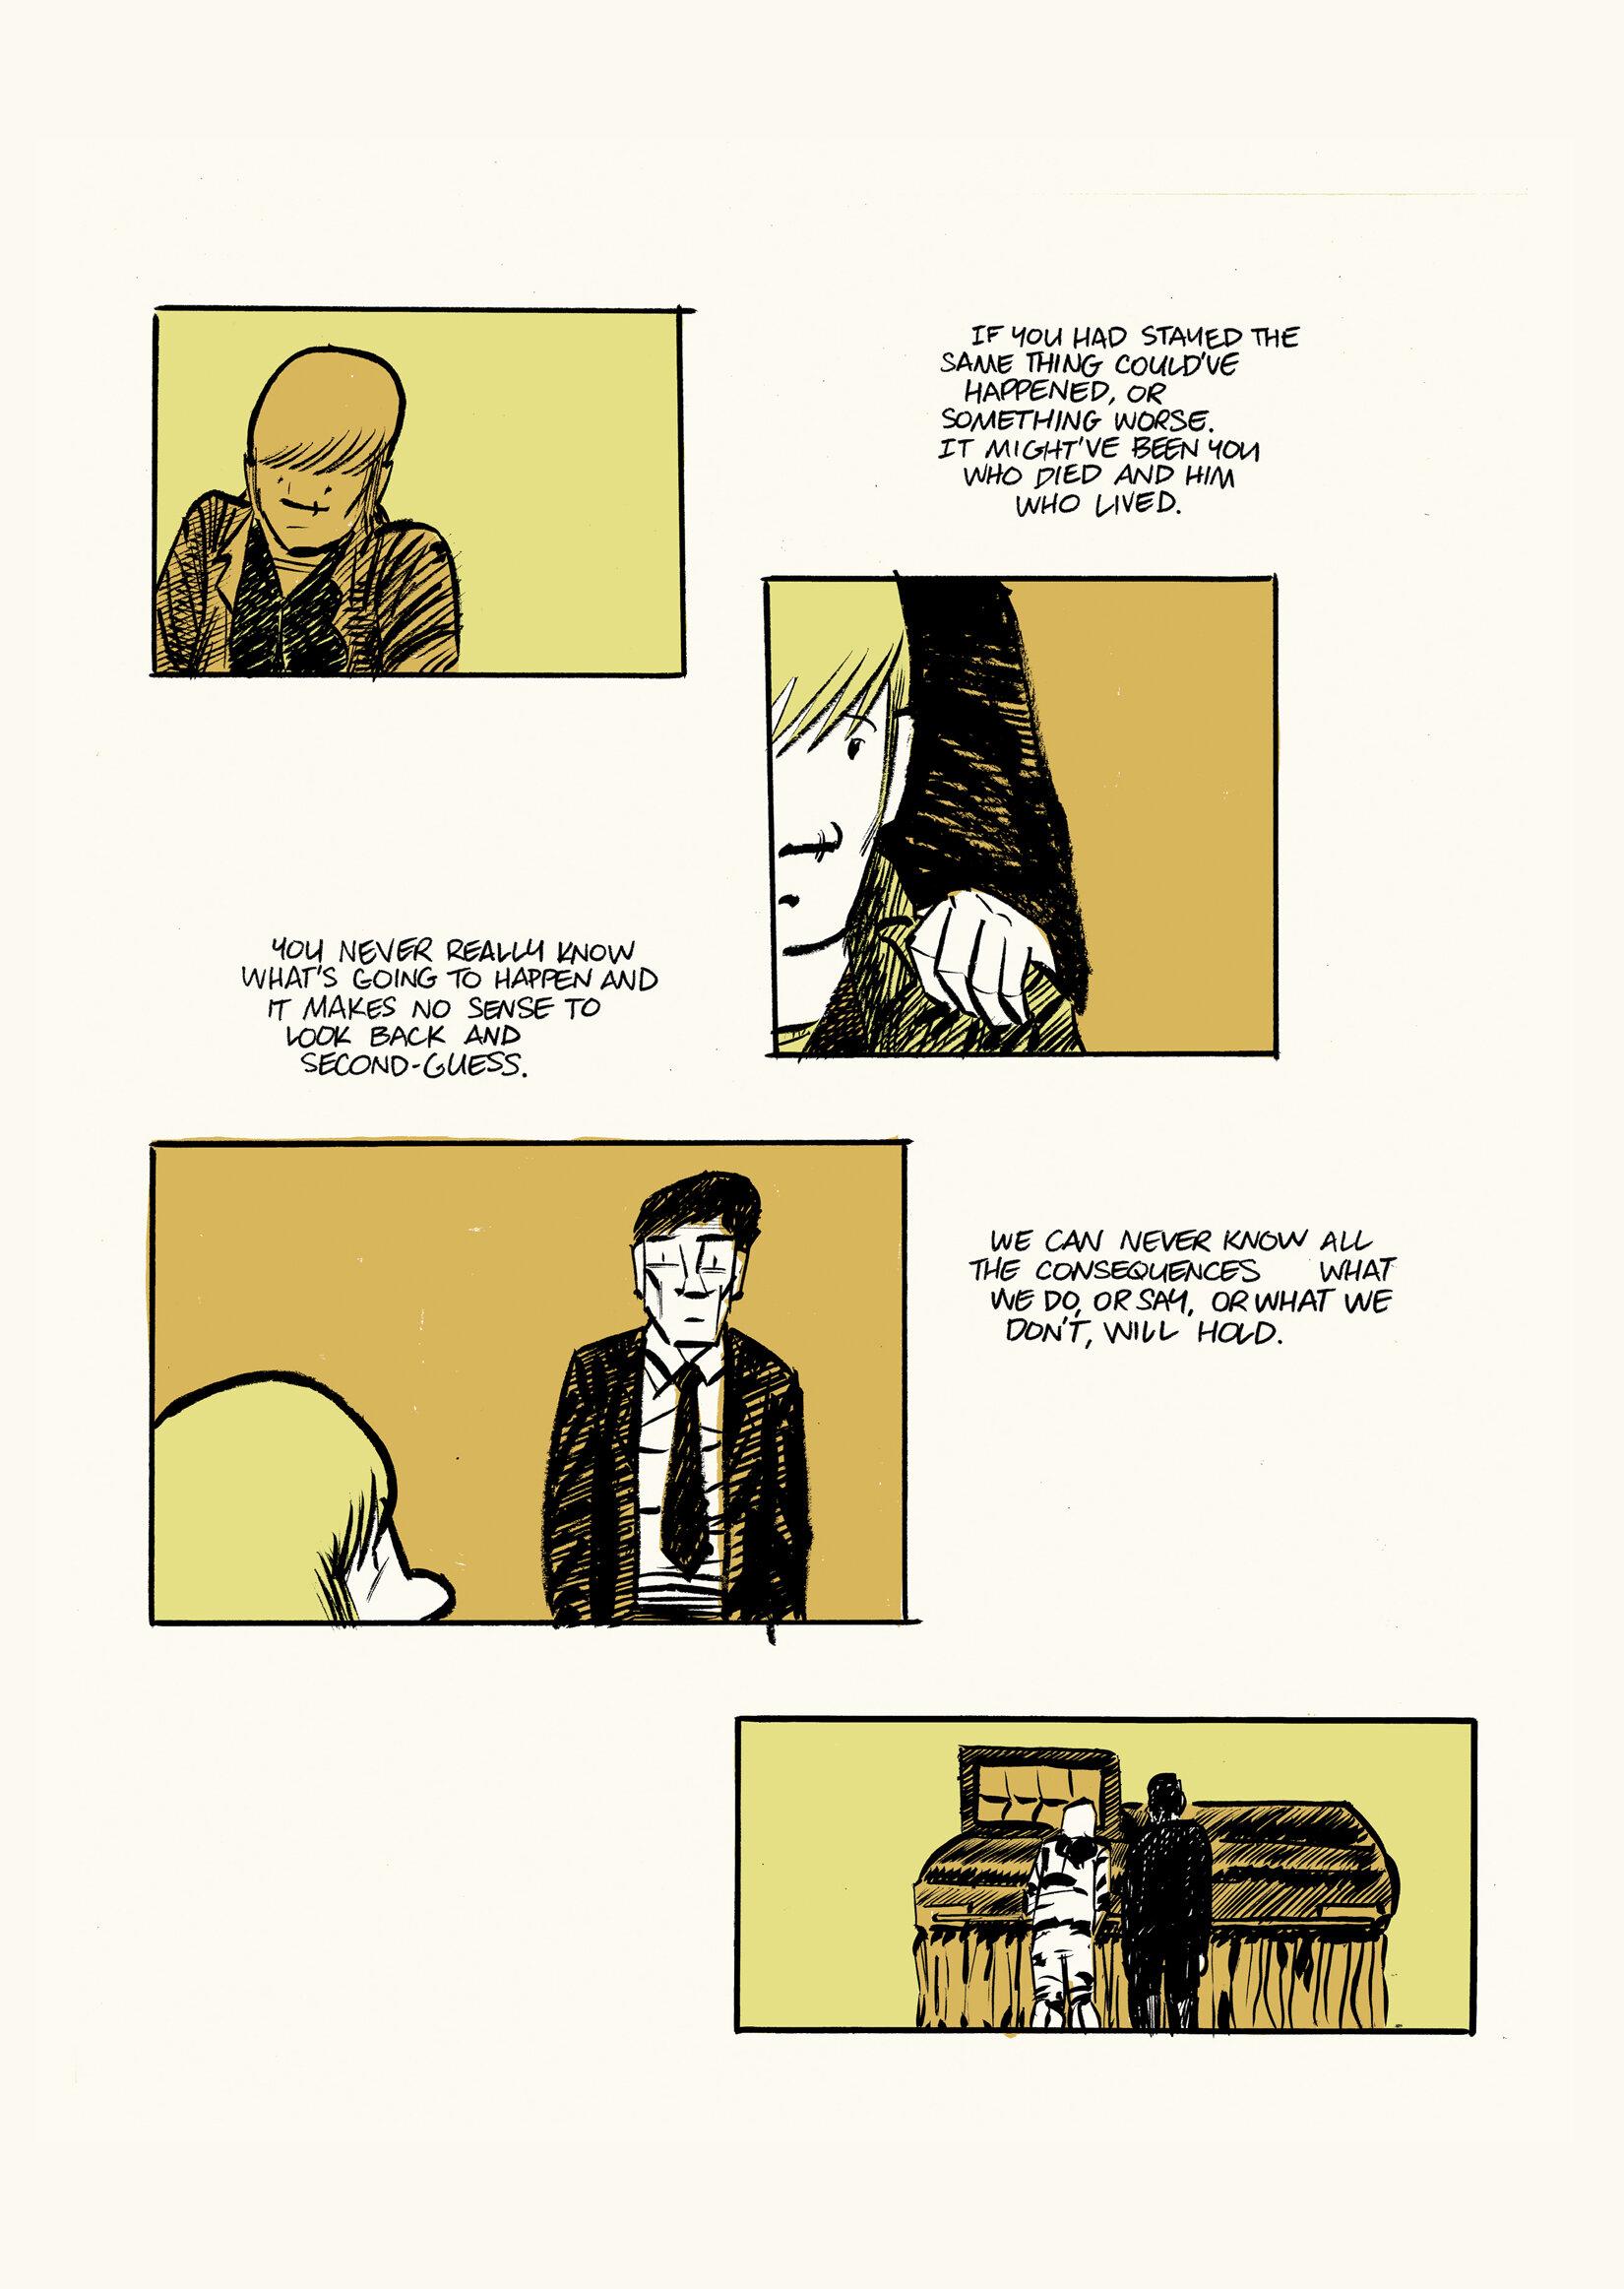 G Page 023.jpg